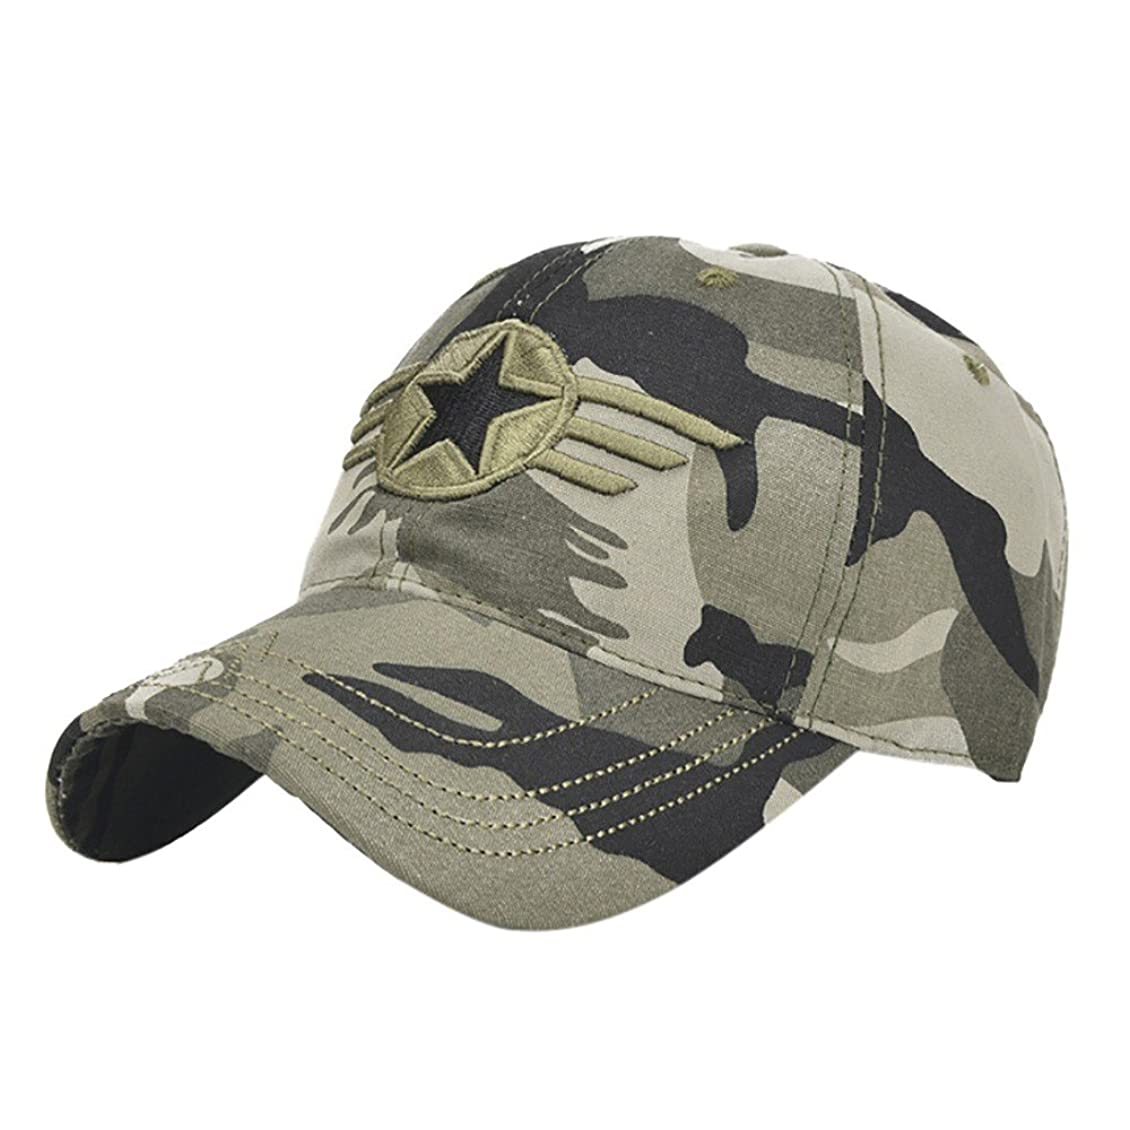 ナイロンレスリングピッチRacazing Cap ミリタリーキャップ 野球帽 迷彩 夏 登山 通気性のある メッシュ 帽子 ベルクロ 可調整可能 スターバッジ 刺繍 棒球帽 UV 帽子 軽量 屋外 Unisex Hat (迷彩)